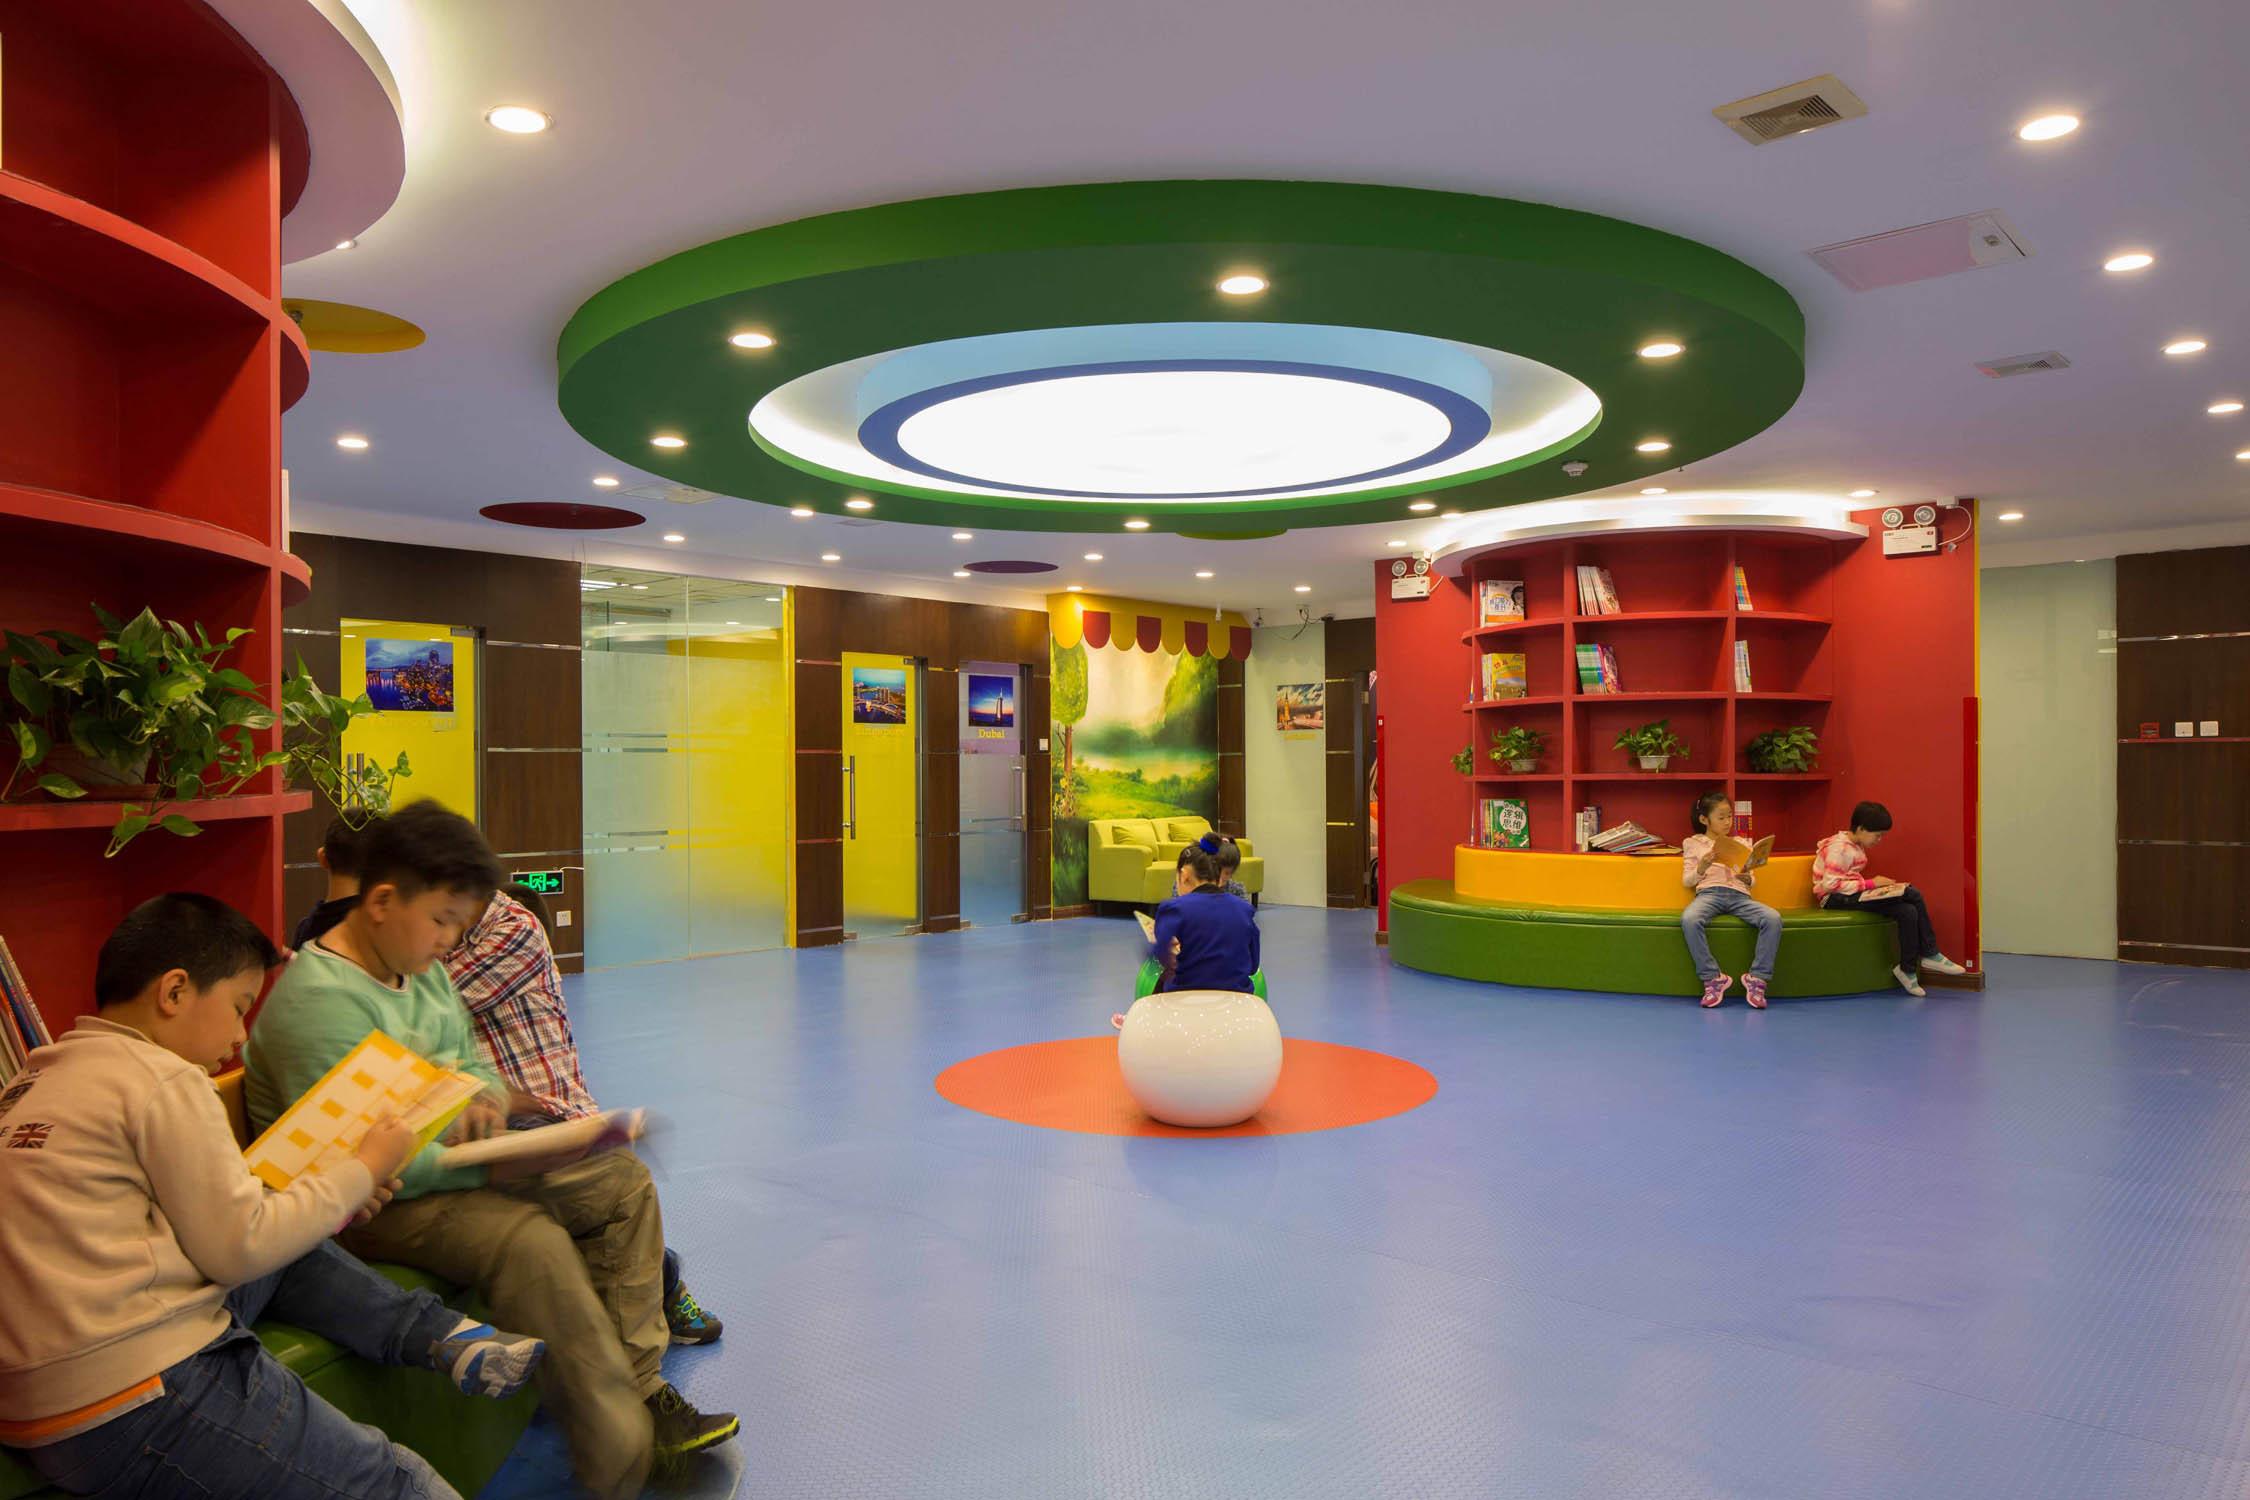 现代多元化幼儿园装修吊顶设计